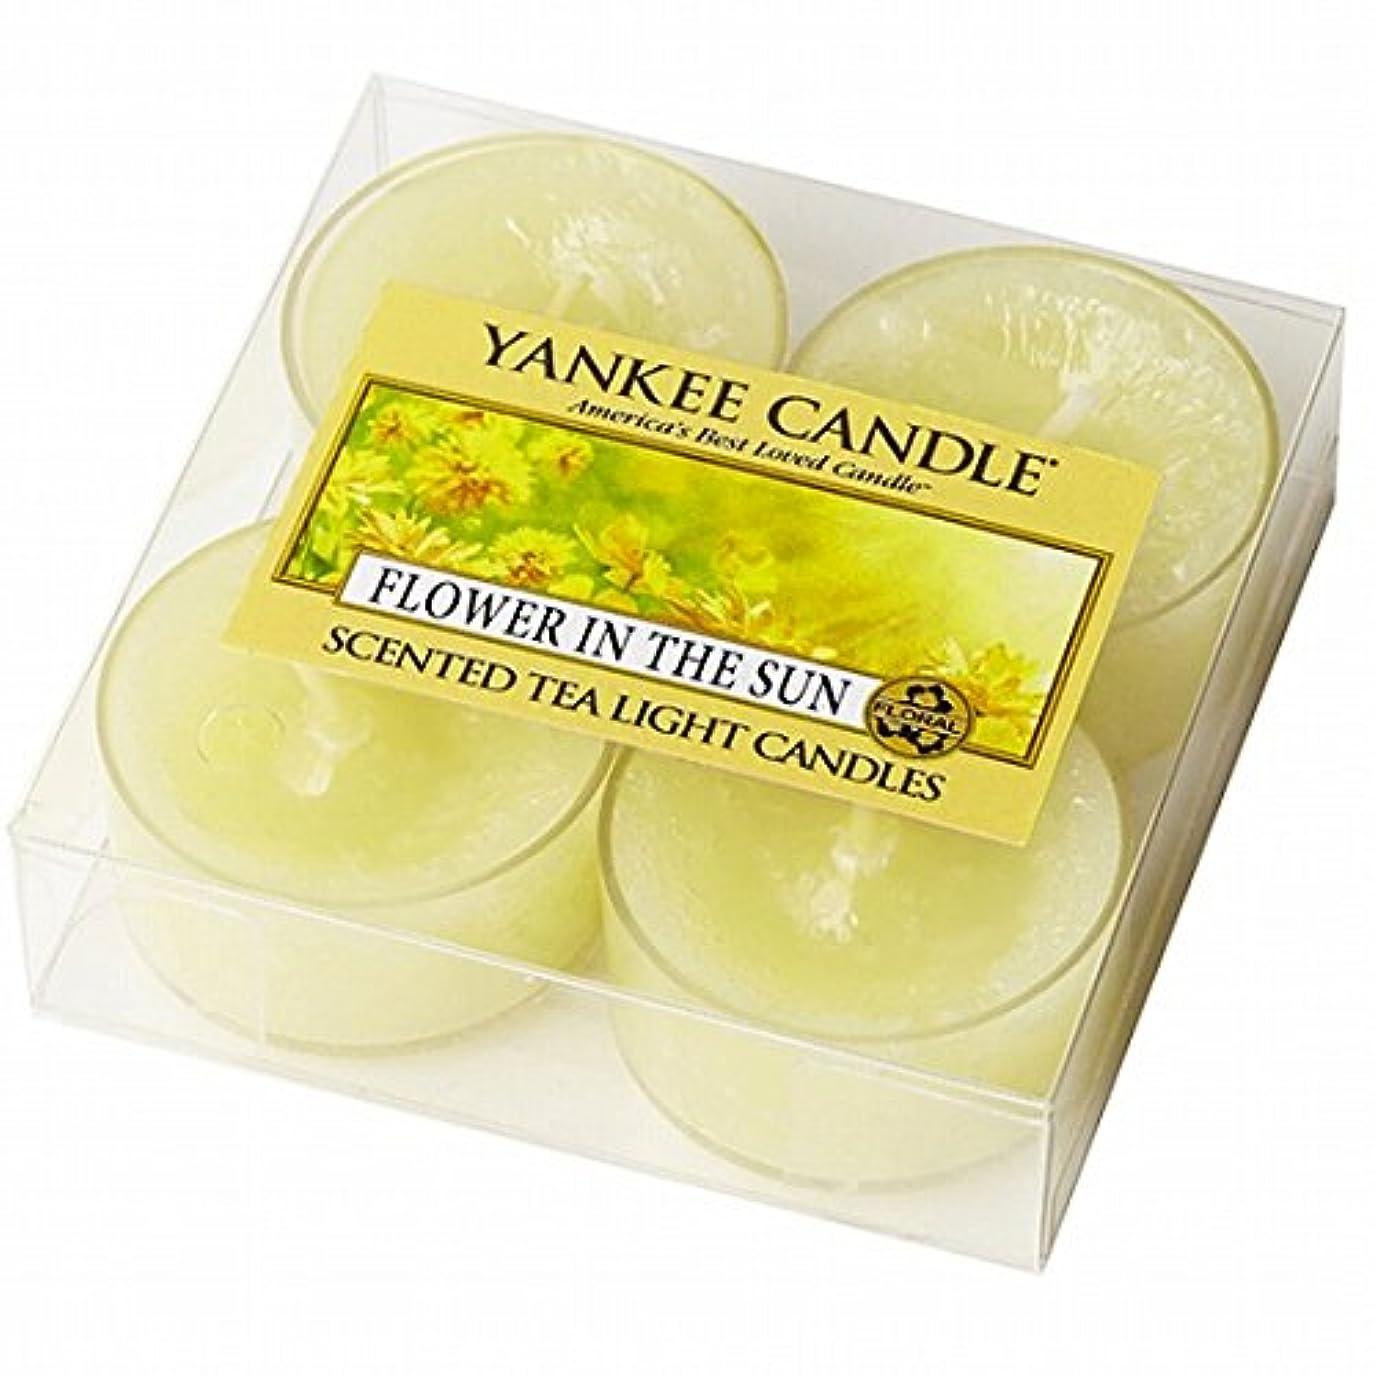 主に損失基礎YANKEE CANDLE(ヤンキーキャンドル) YANKEE CANDLE クリアカップティーライト4個入り 「フラワーインザサン」(K00205274)